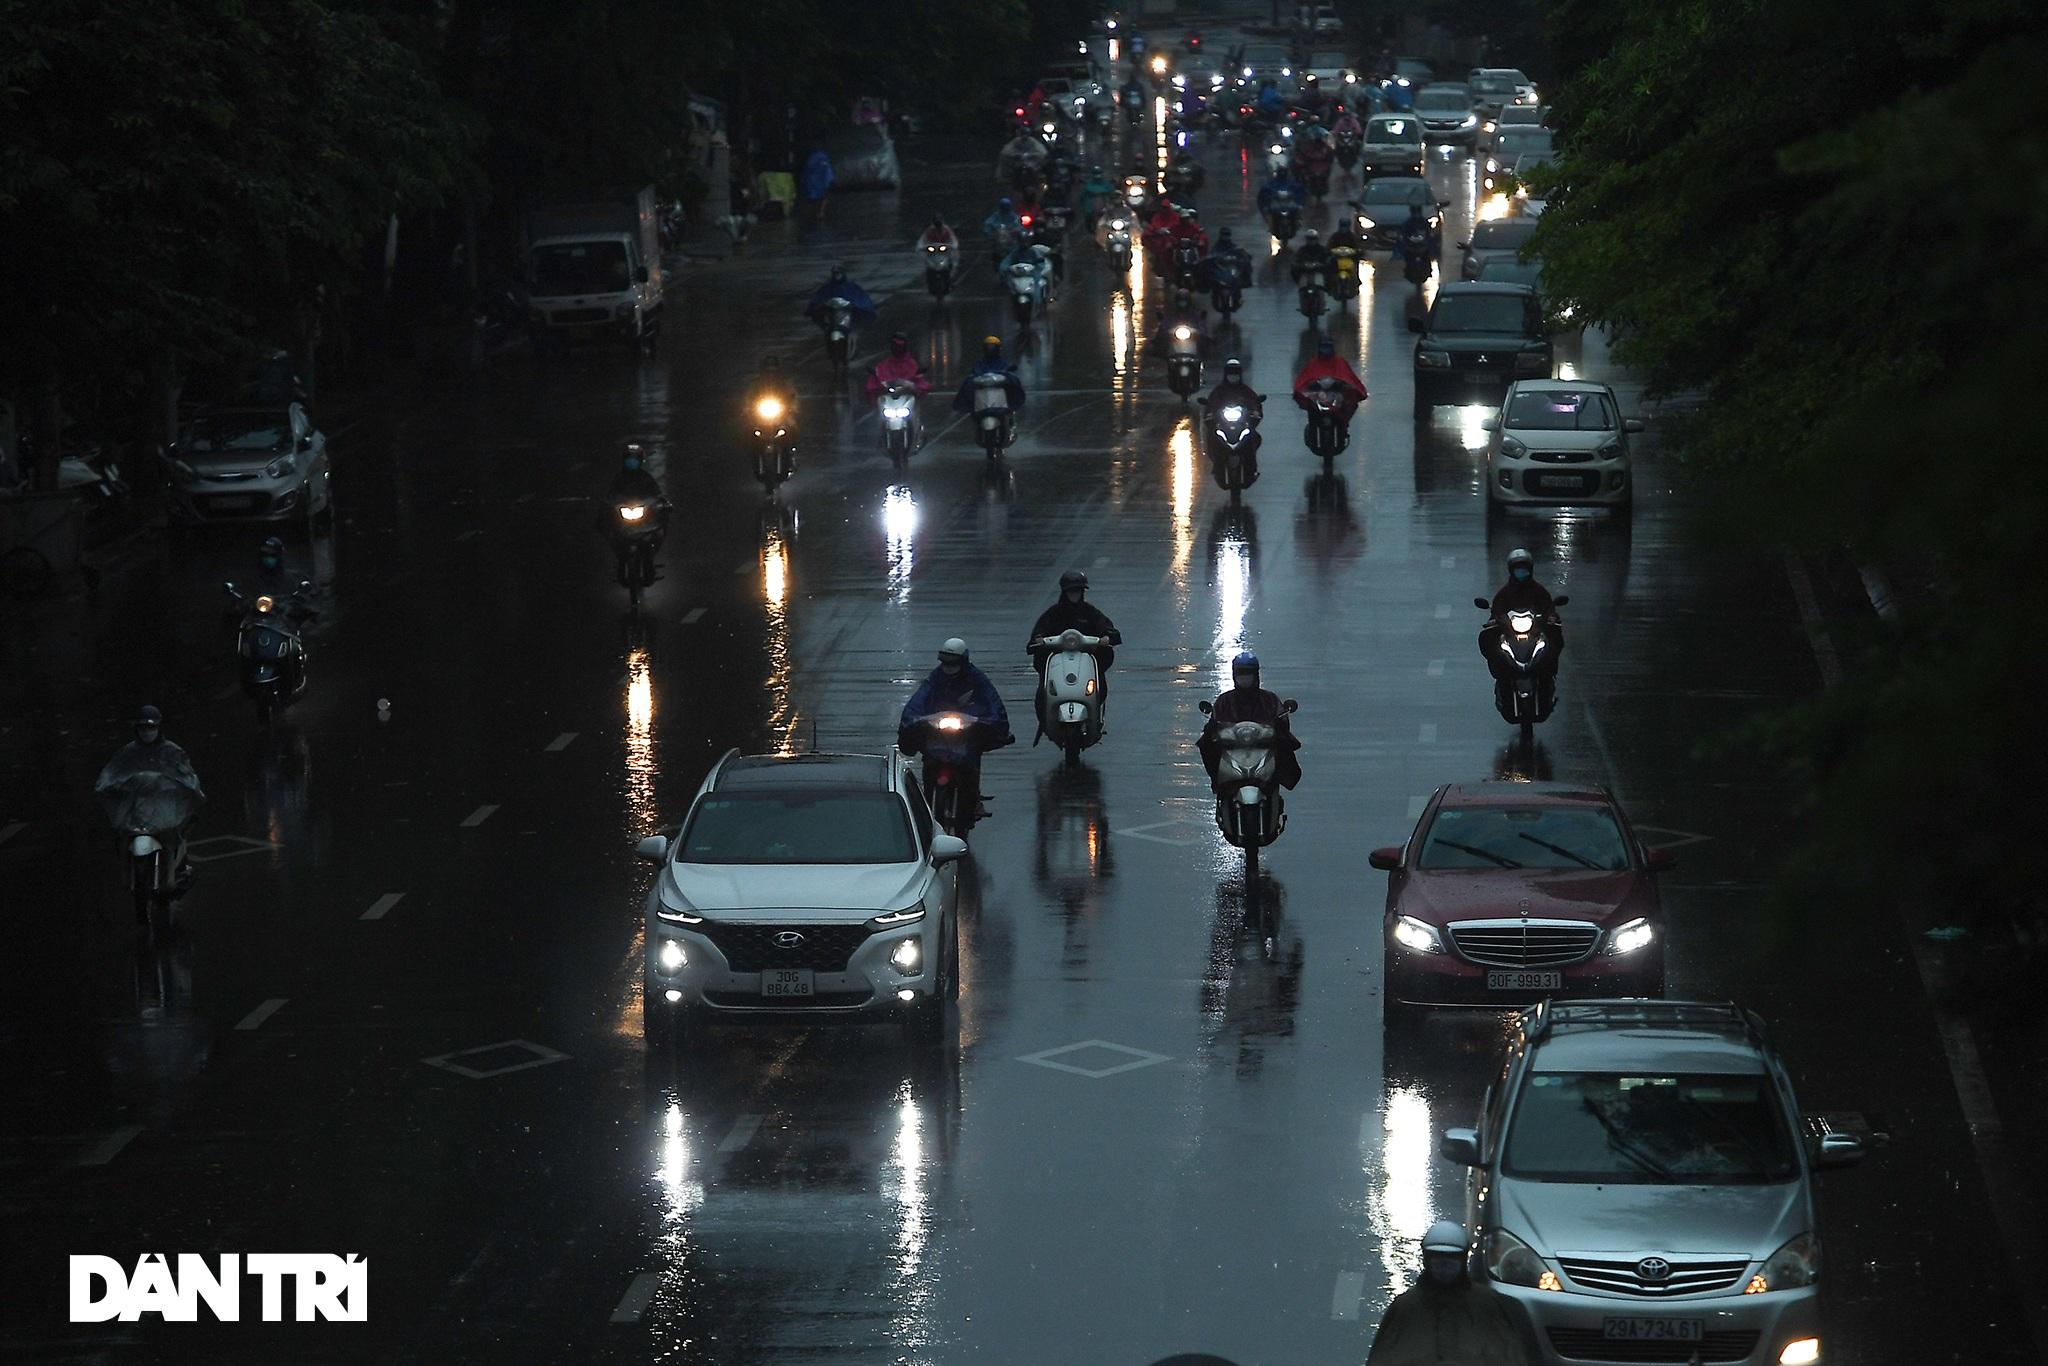 Bầu trời Hà Nội tối sầm sau mưa, xe cộ bật đèn pha lưu thông giữa ban ngày - 1